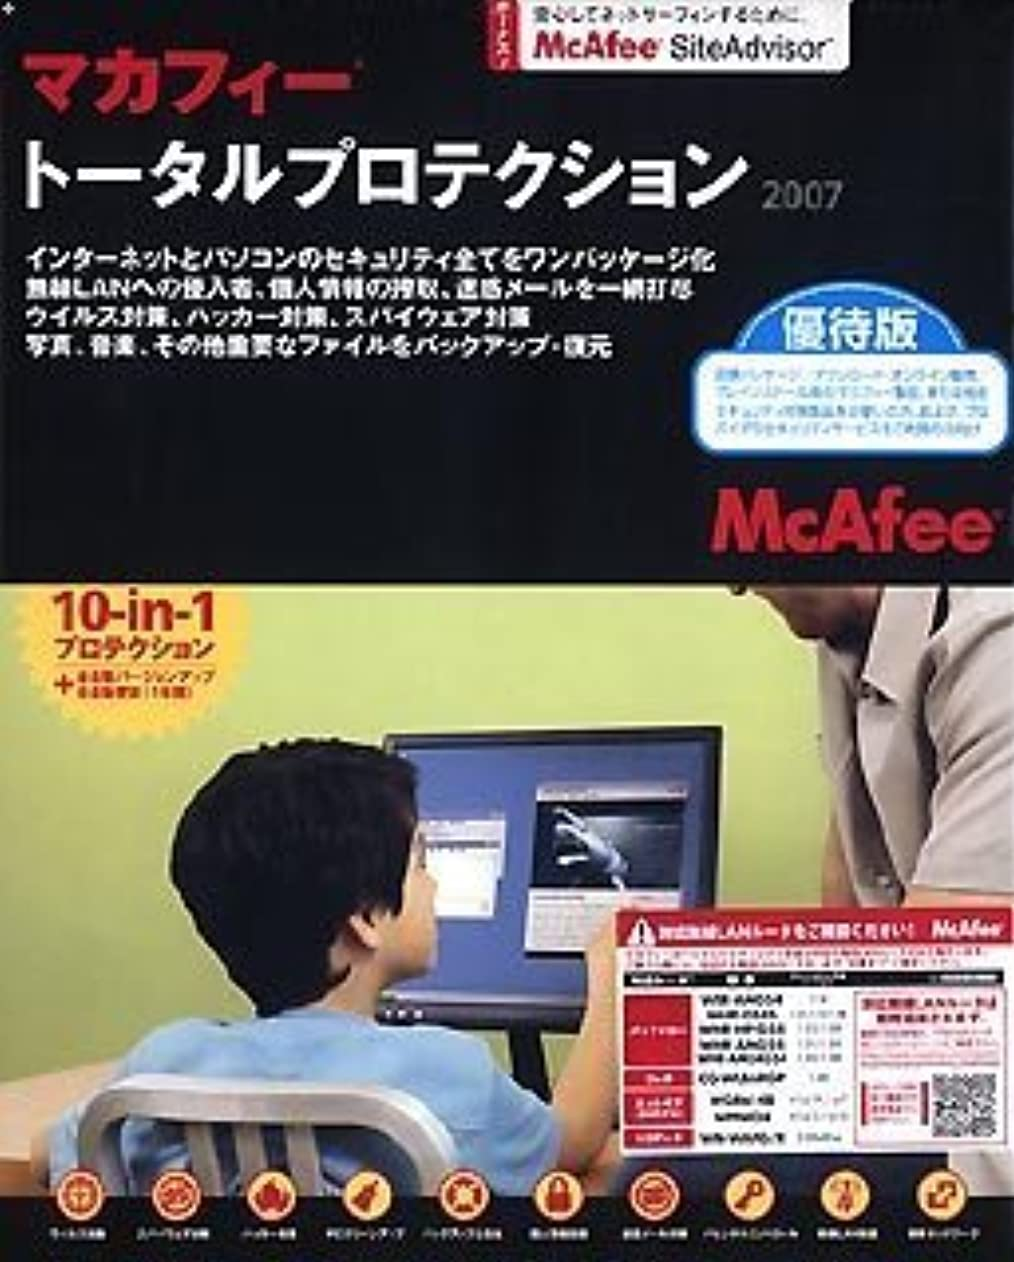 ブルーム温度衝突するマカフィー?トータルプロテクション 2007 優待版